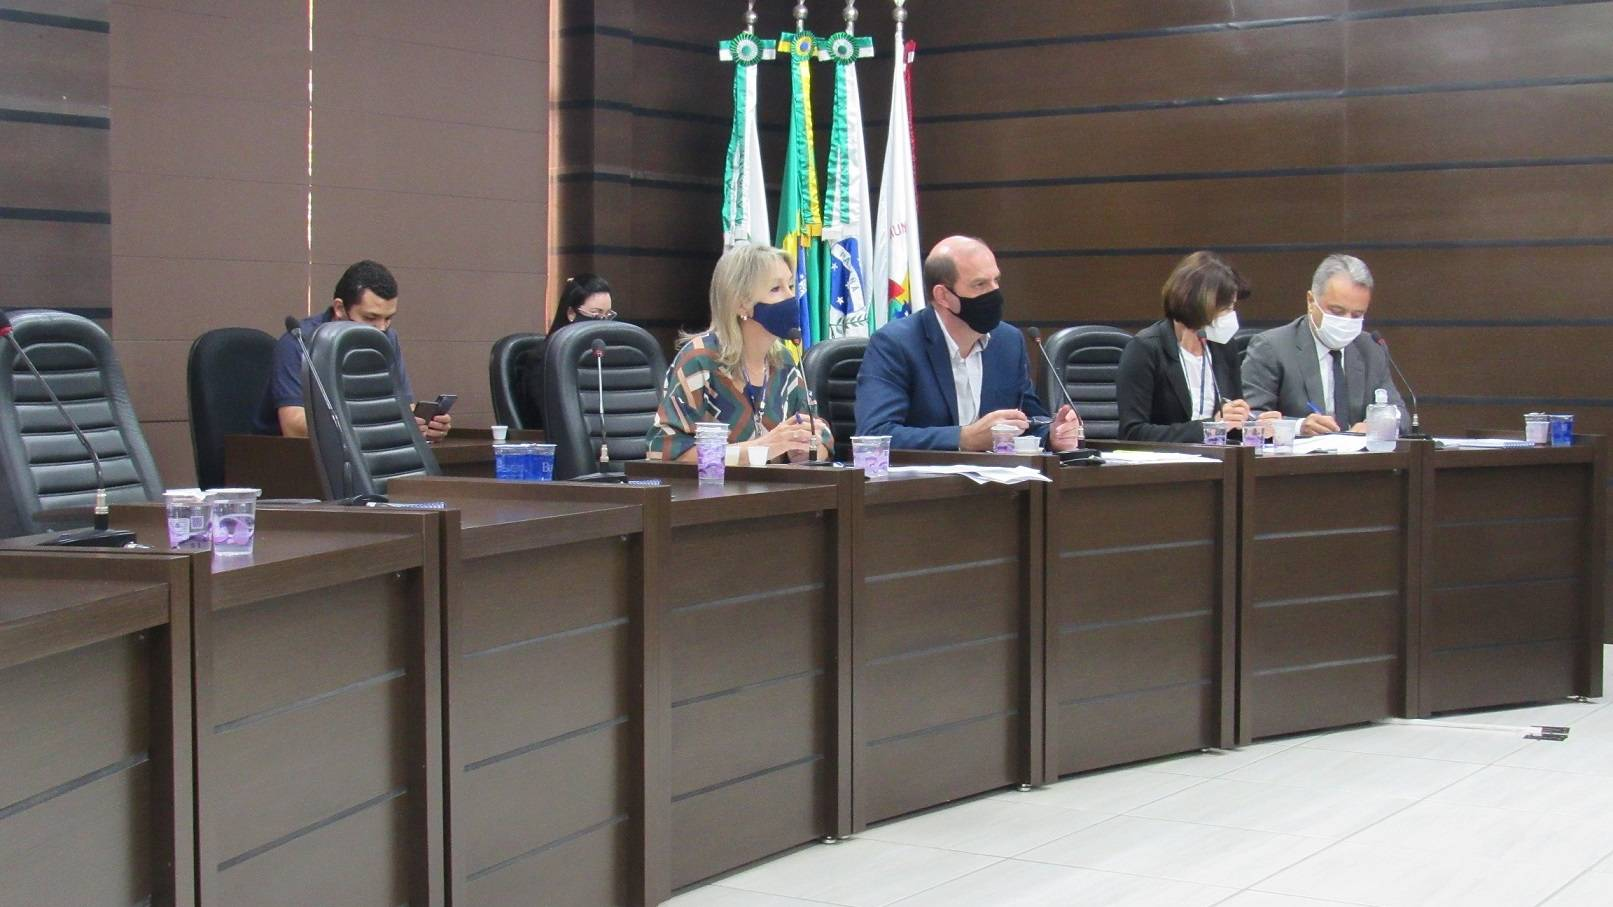 Sanepar apresenta plano de investimentos e detalhes da operação dos sistemas em Cascavel